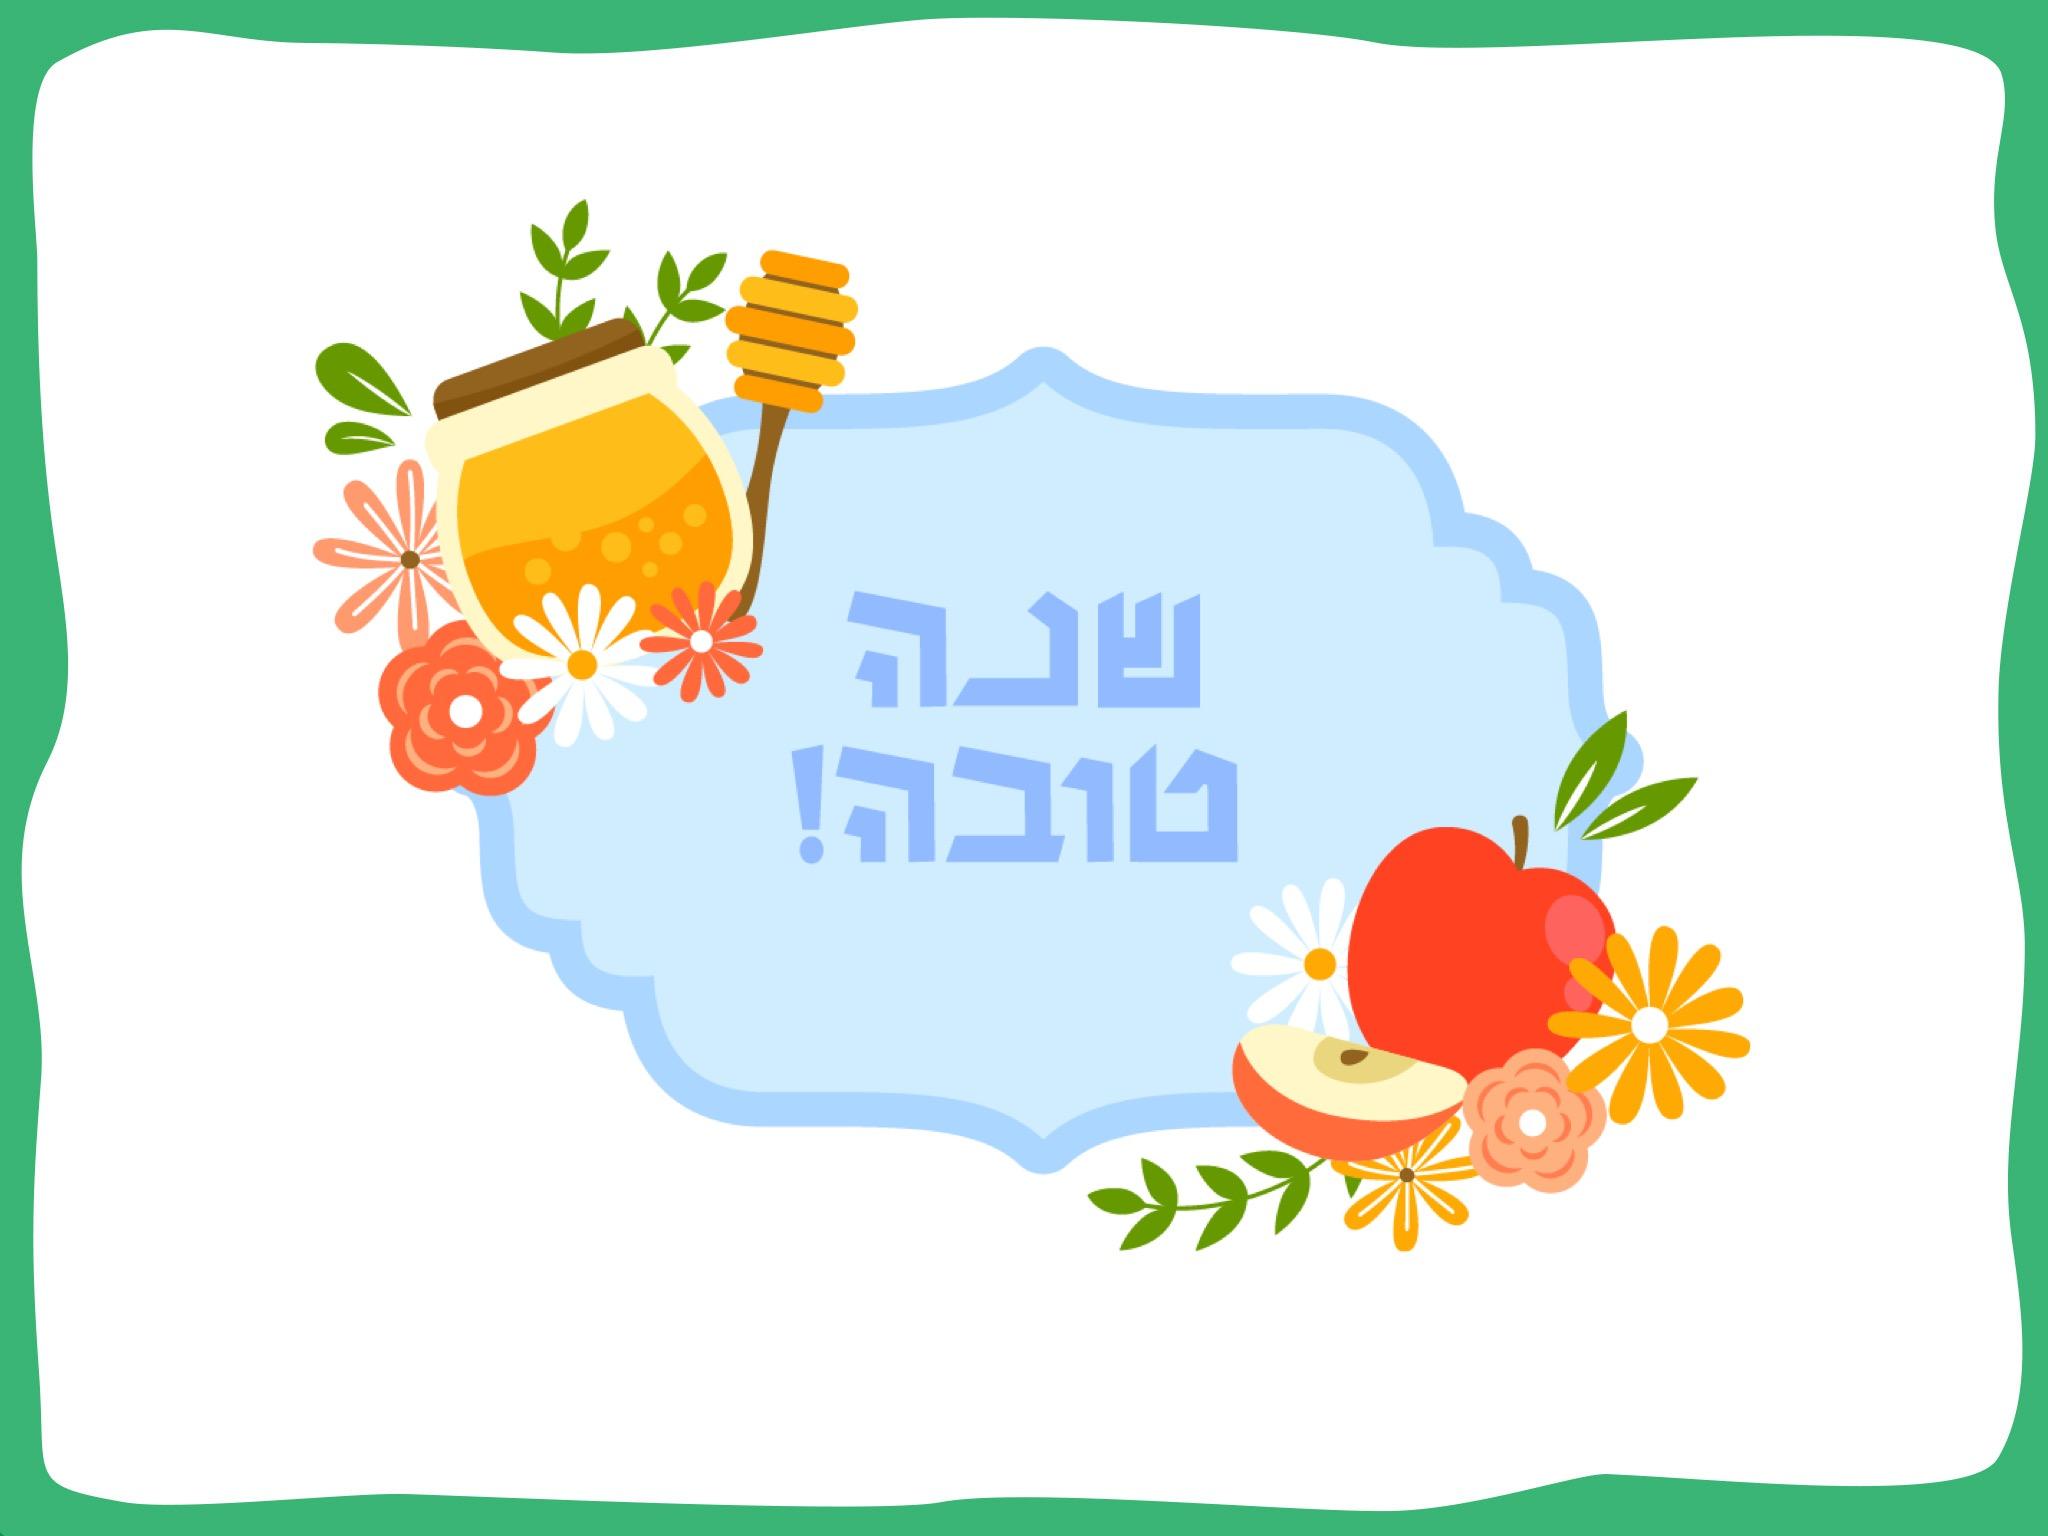 איגרת ברכה שכתוב בה שנה טובה